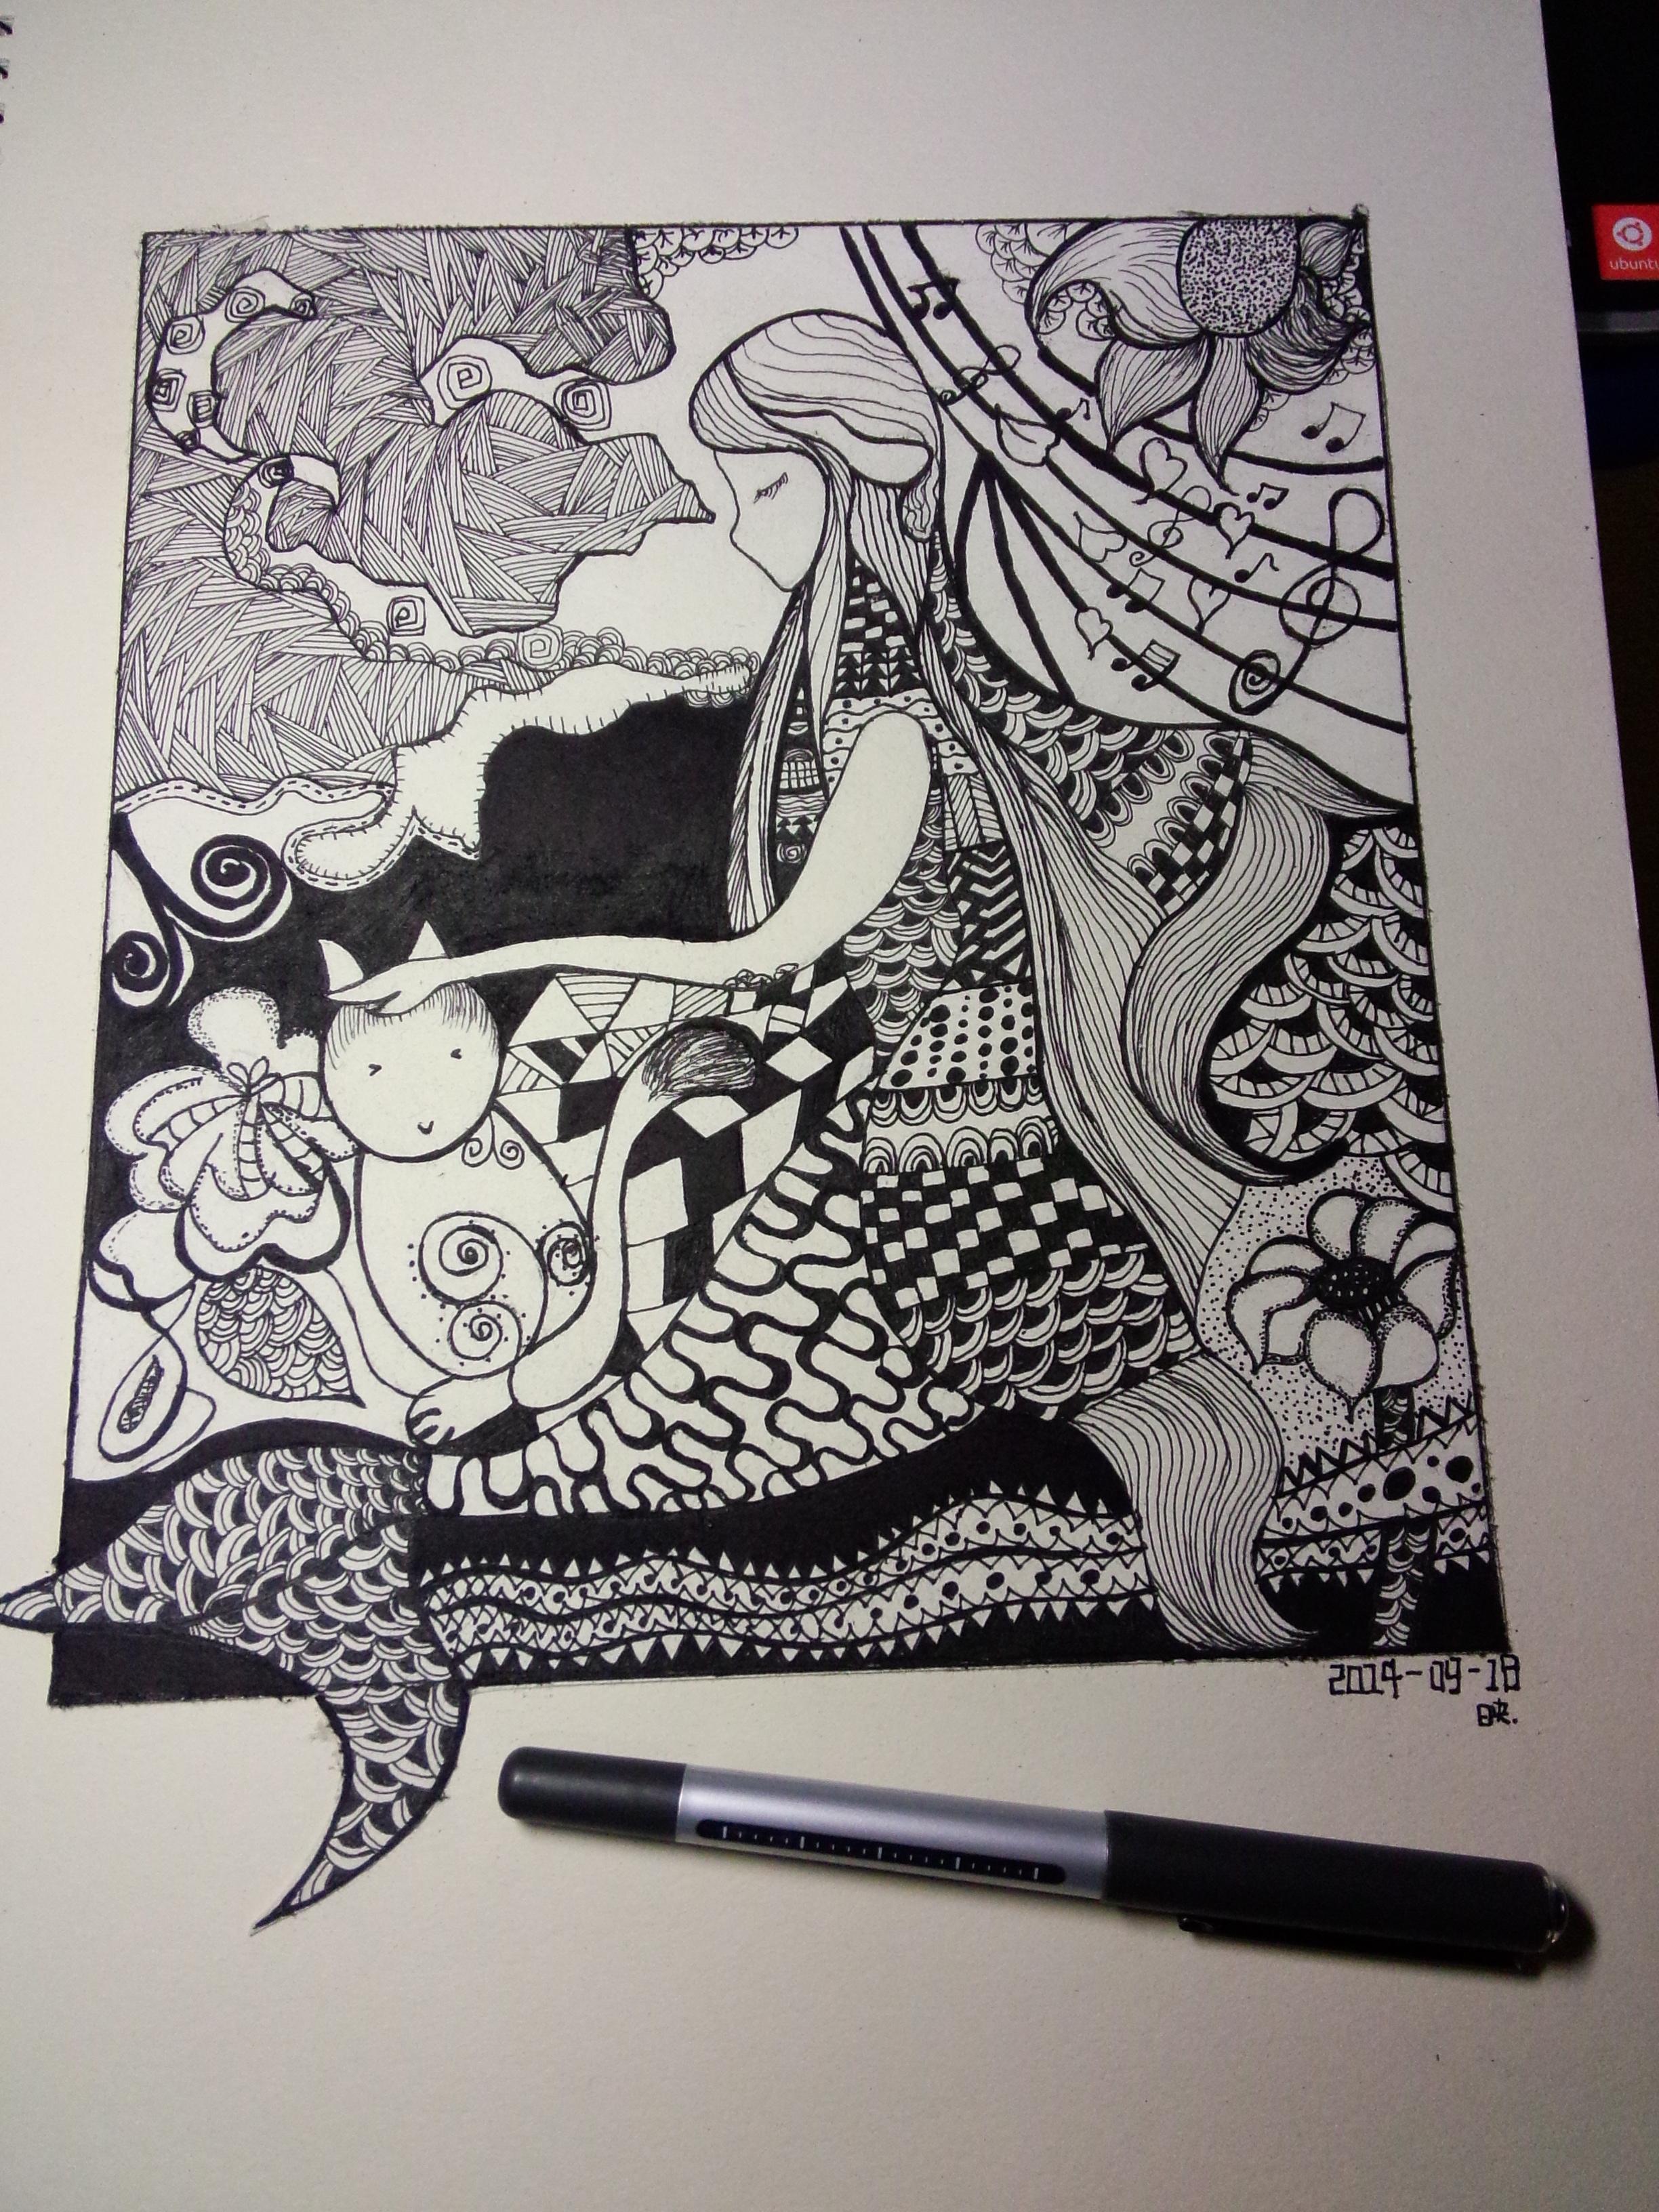 黑白手绘|插画|其他插画|夏末夜未央 - 原创作品